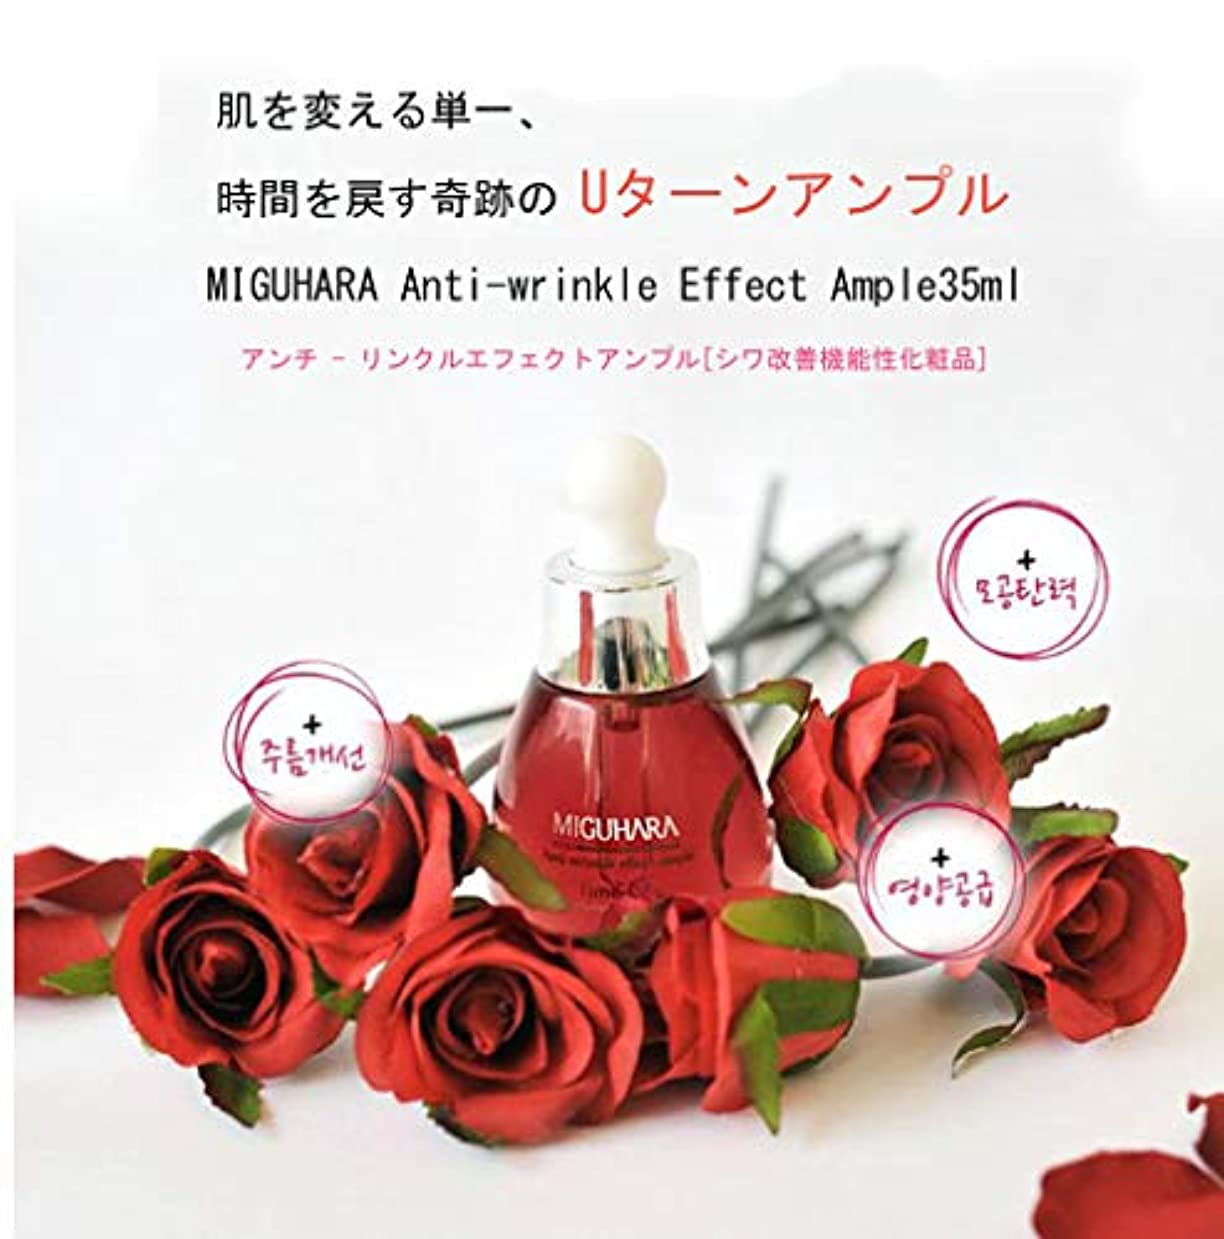 主張する水平驚MIGUHARA ミグハラ アンチ - リンクル エフェクト アンプル ANTI-WRINKLE EFFECT AMPLE 35ml/アンチ-リンクルエフェクトアンプル 35ml